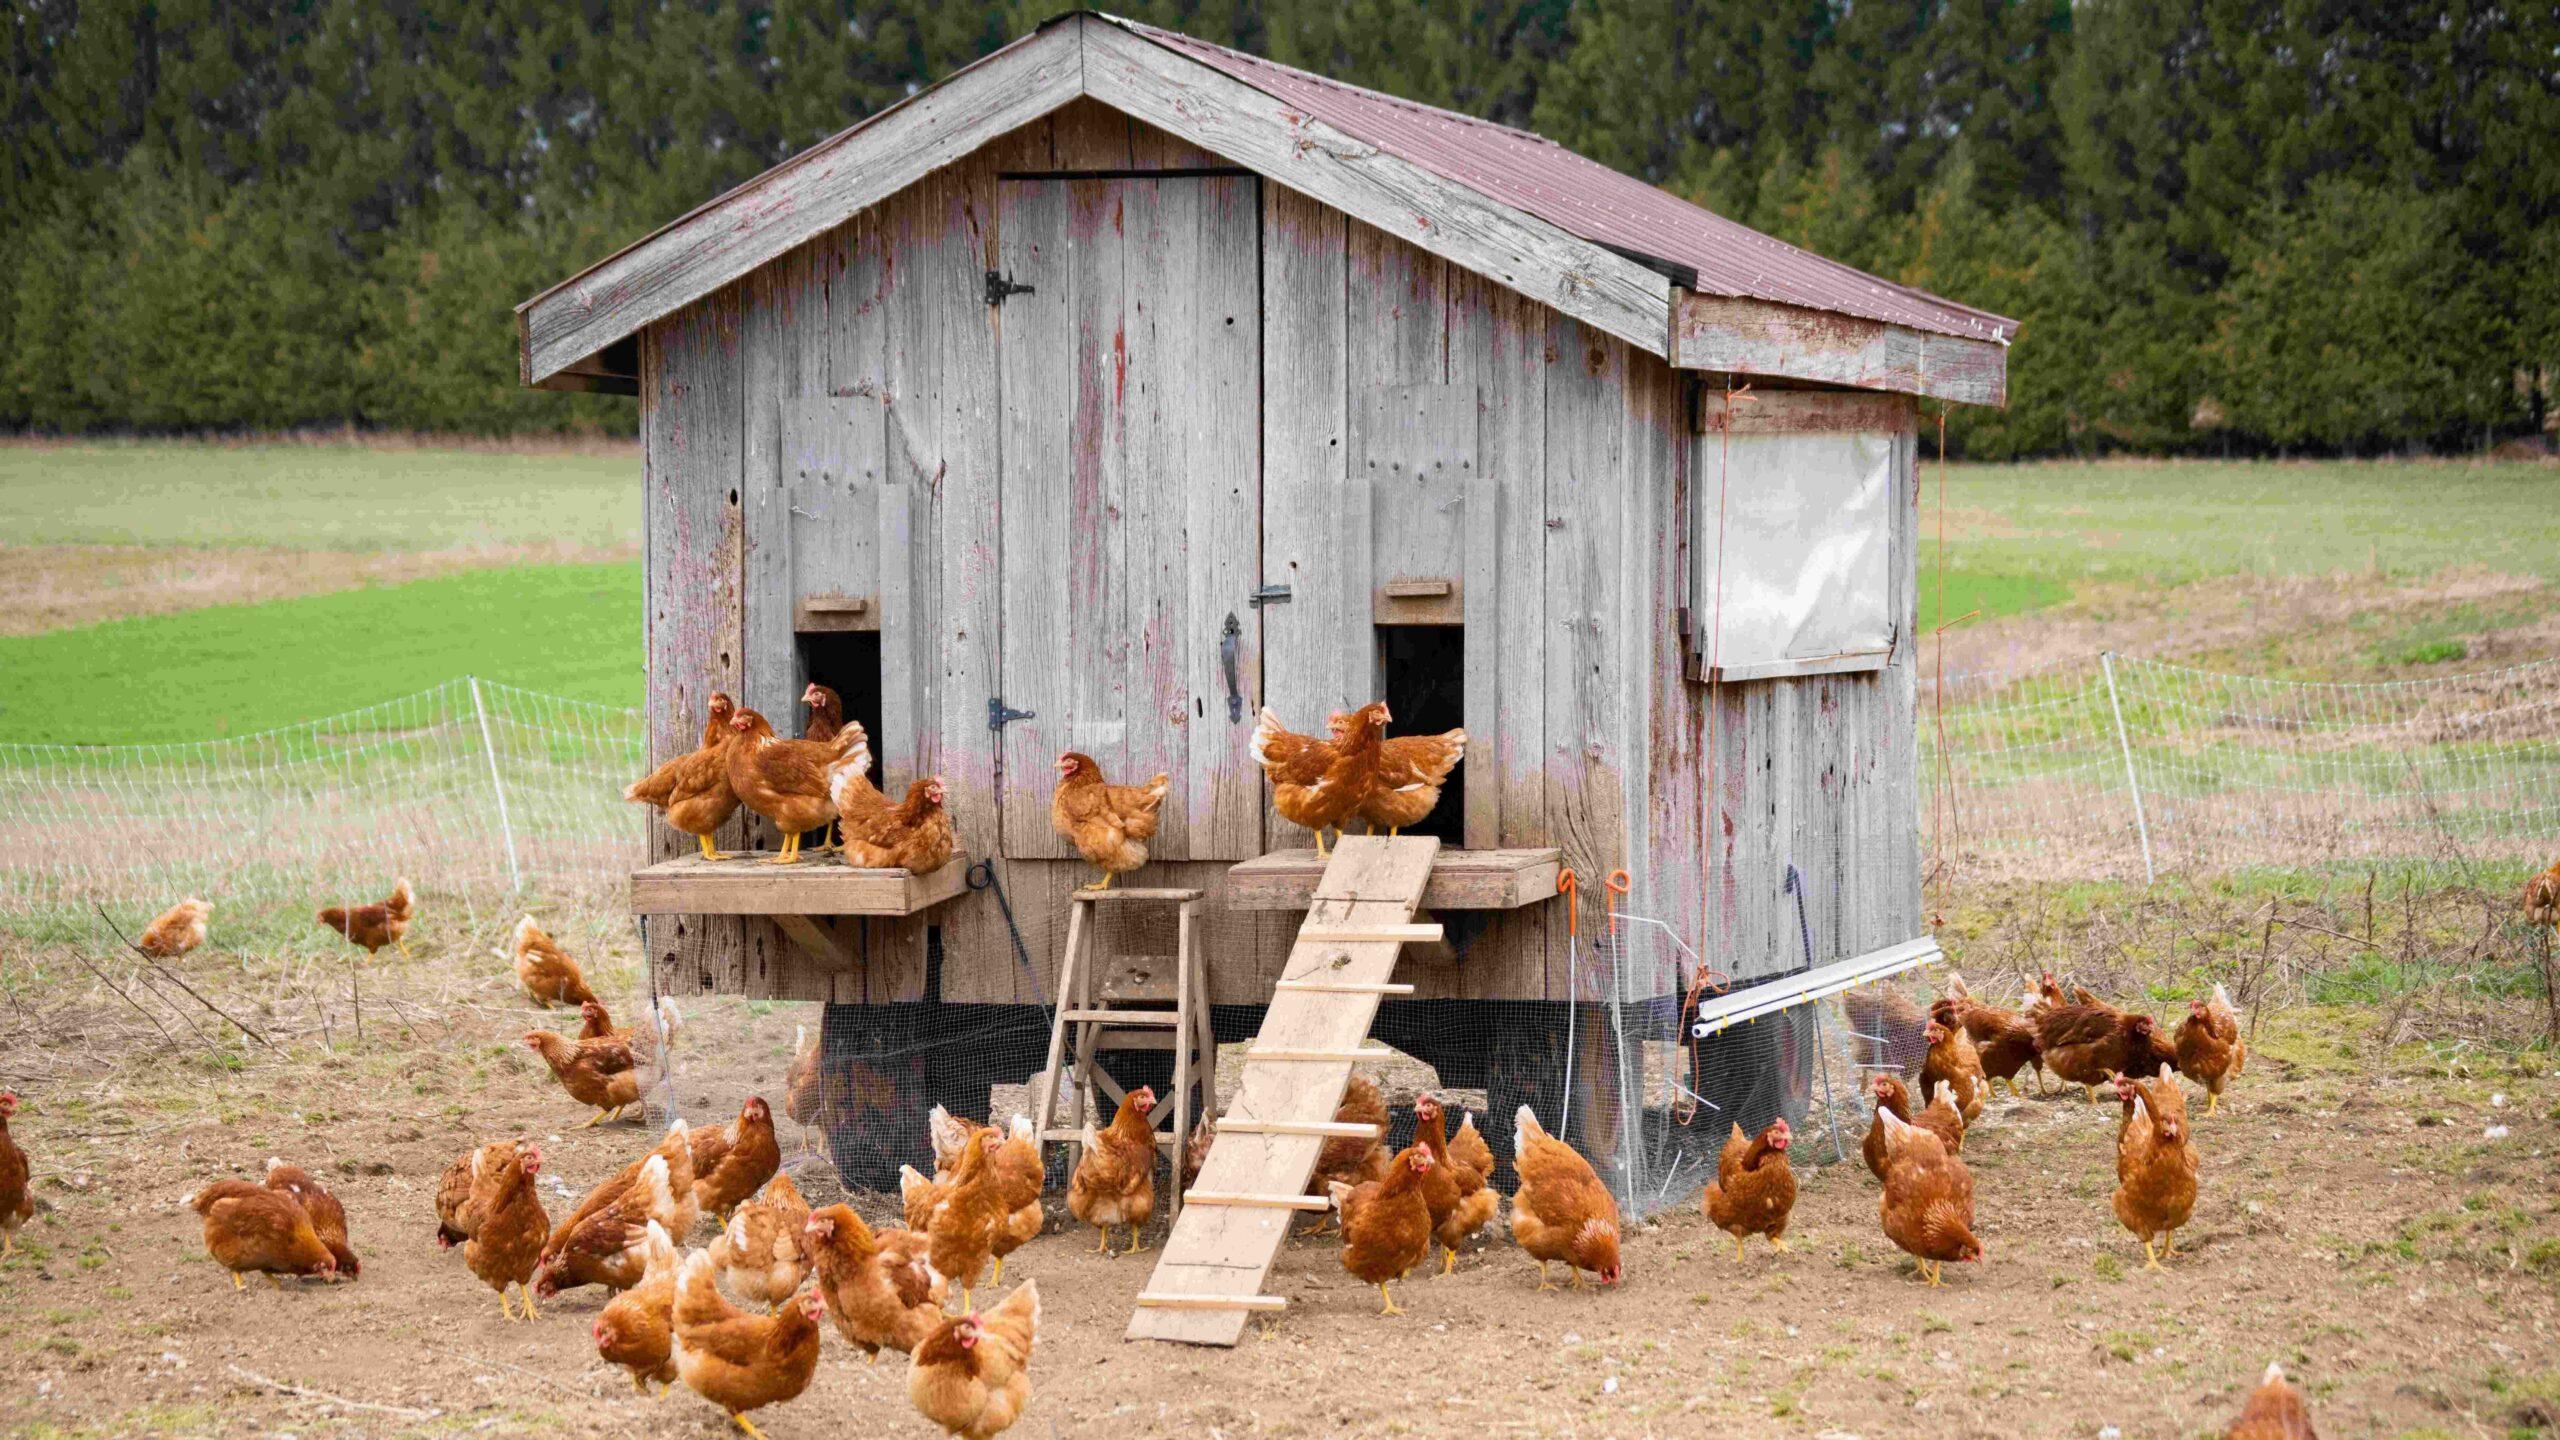 Comment faire une ferme de poulet maison?